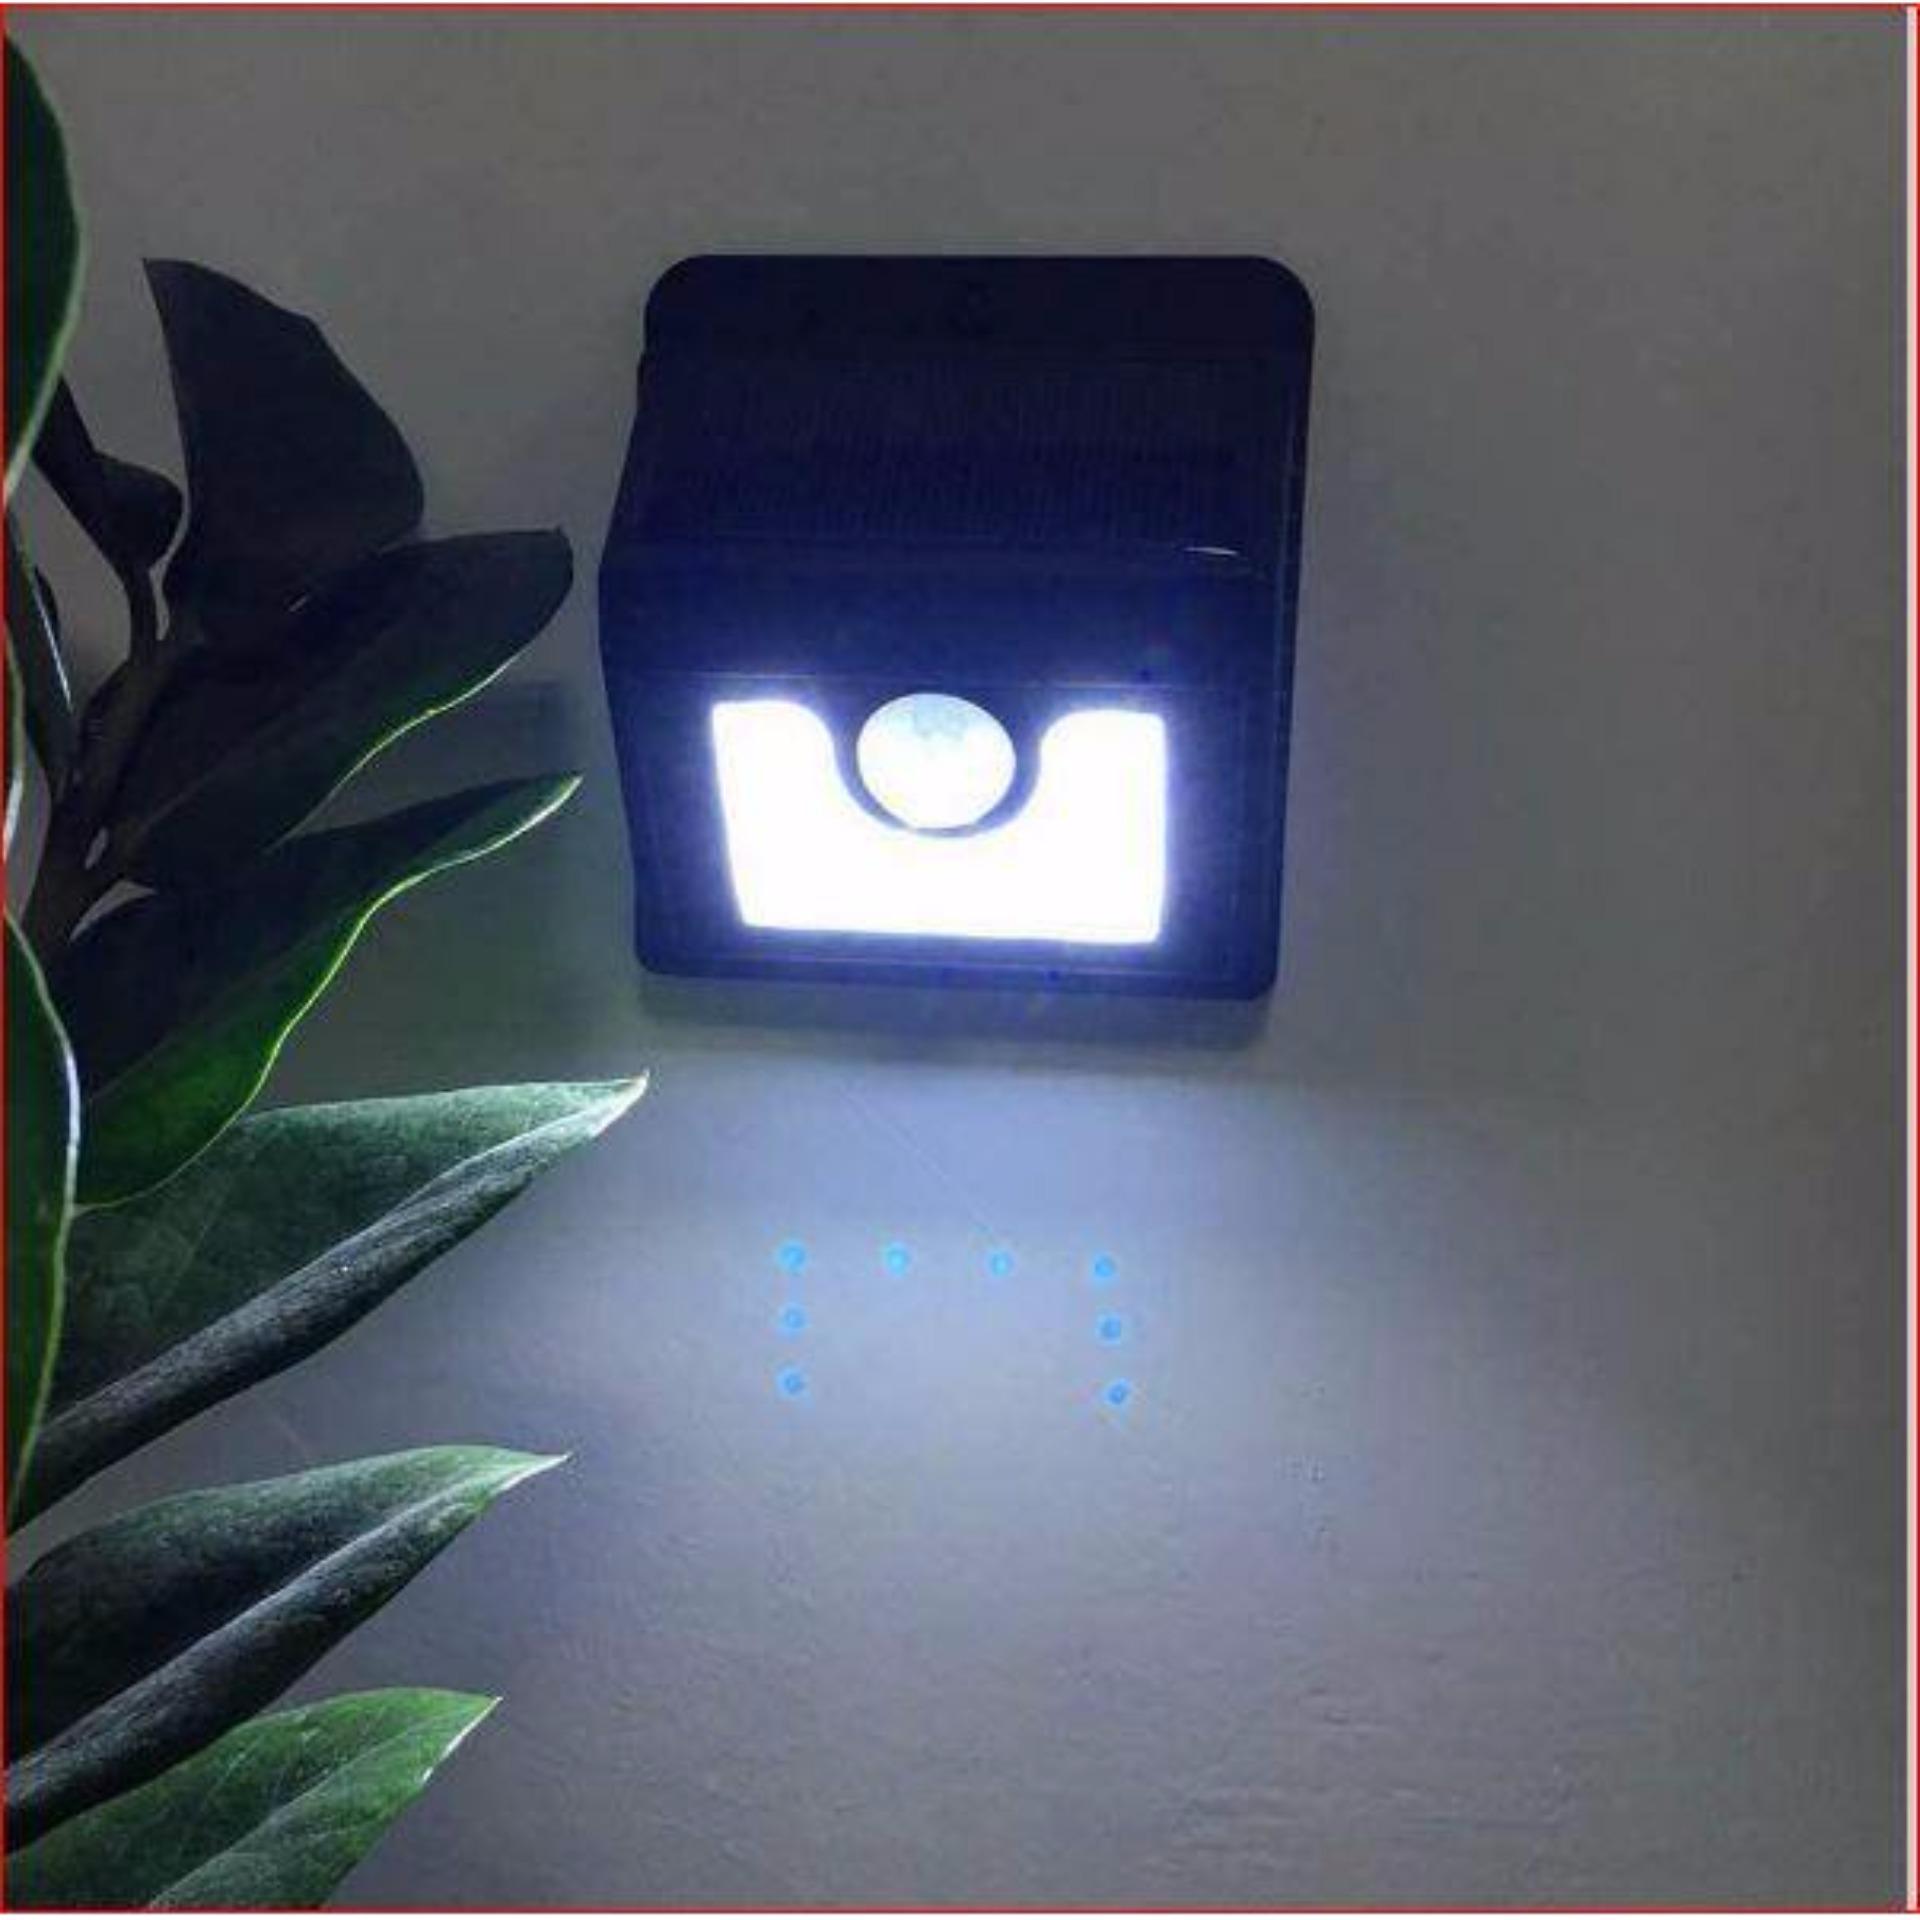 Nơi Bán Đèn Led năng lượng mặt trời, cảm biến ánh sáng, cảm biến chuyển động